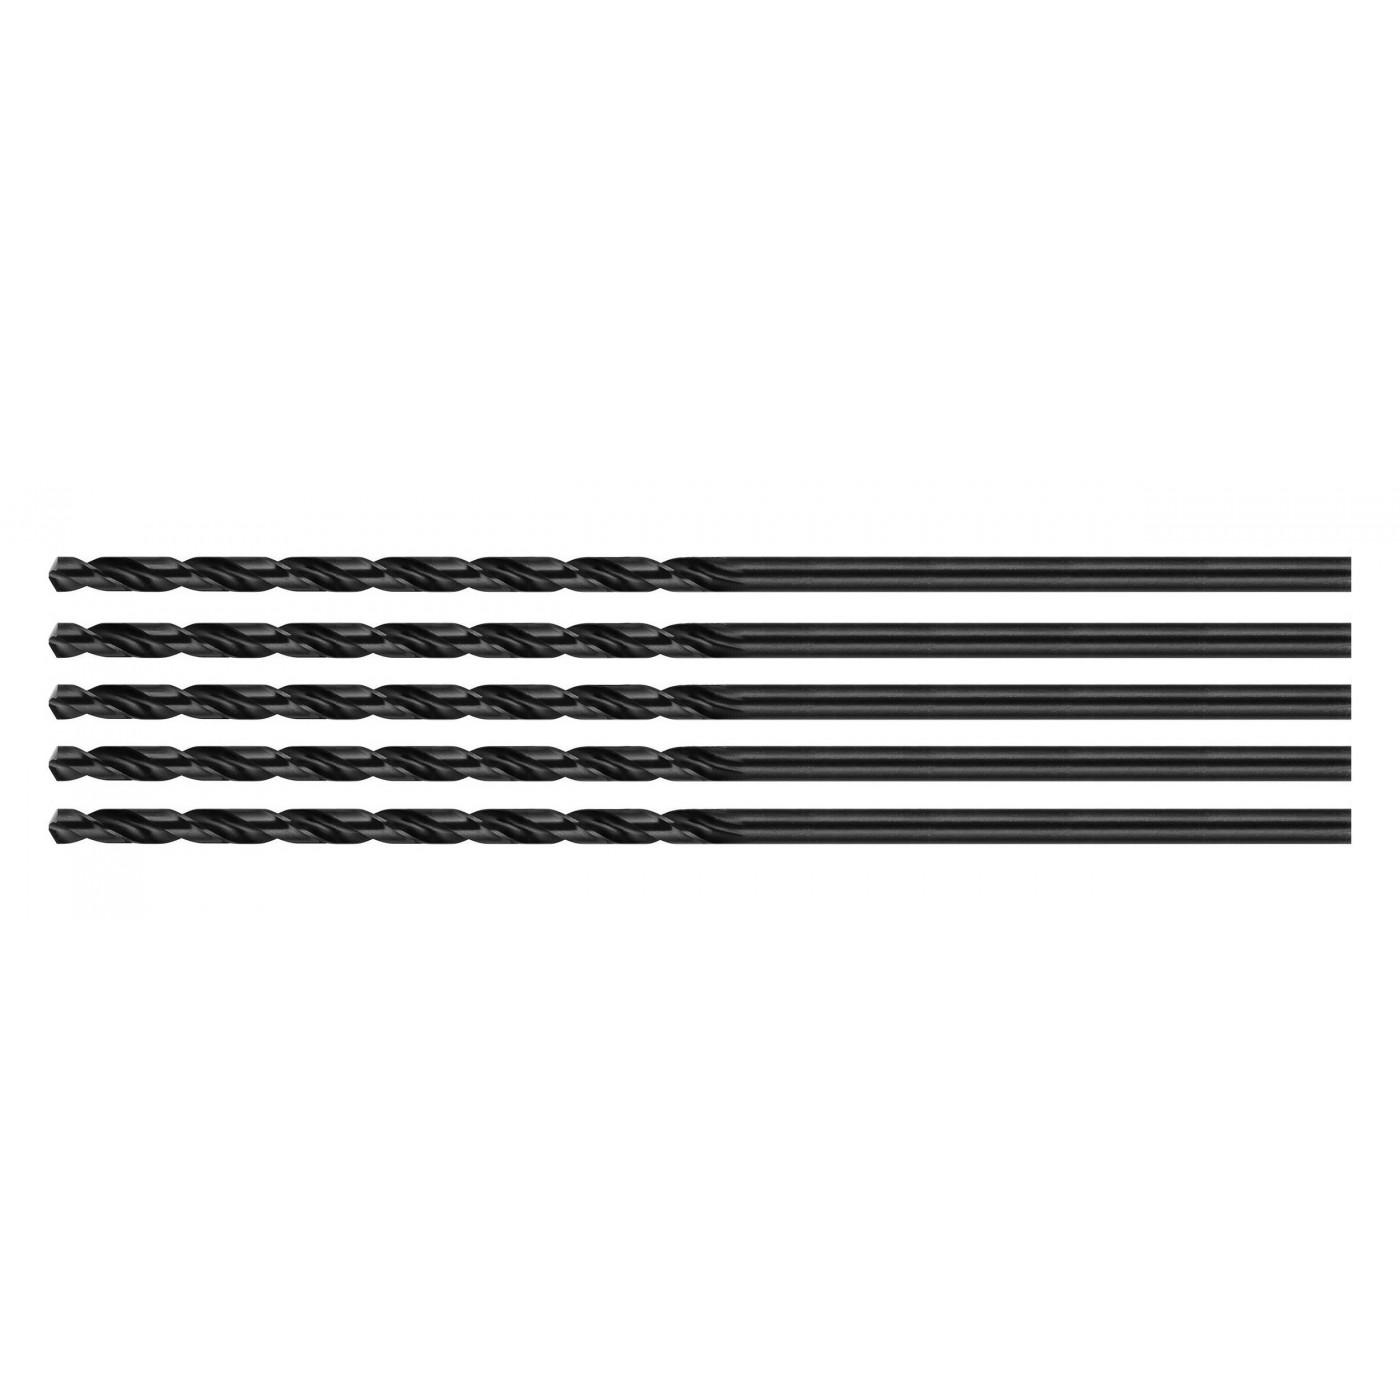 Set of 5 metal drill bits (HSS, 3.0x200 mm)